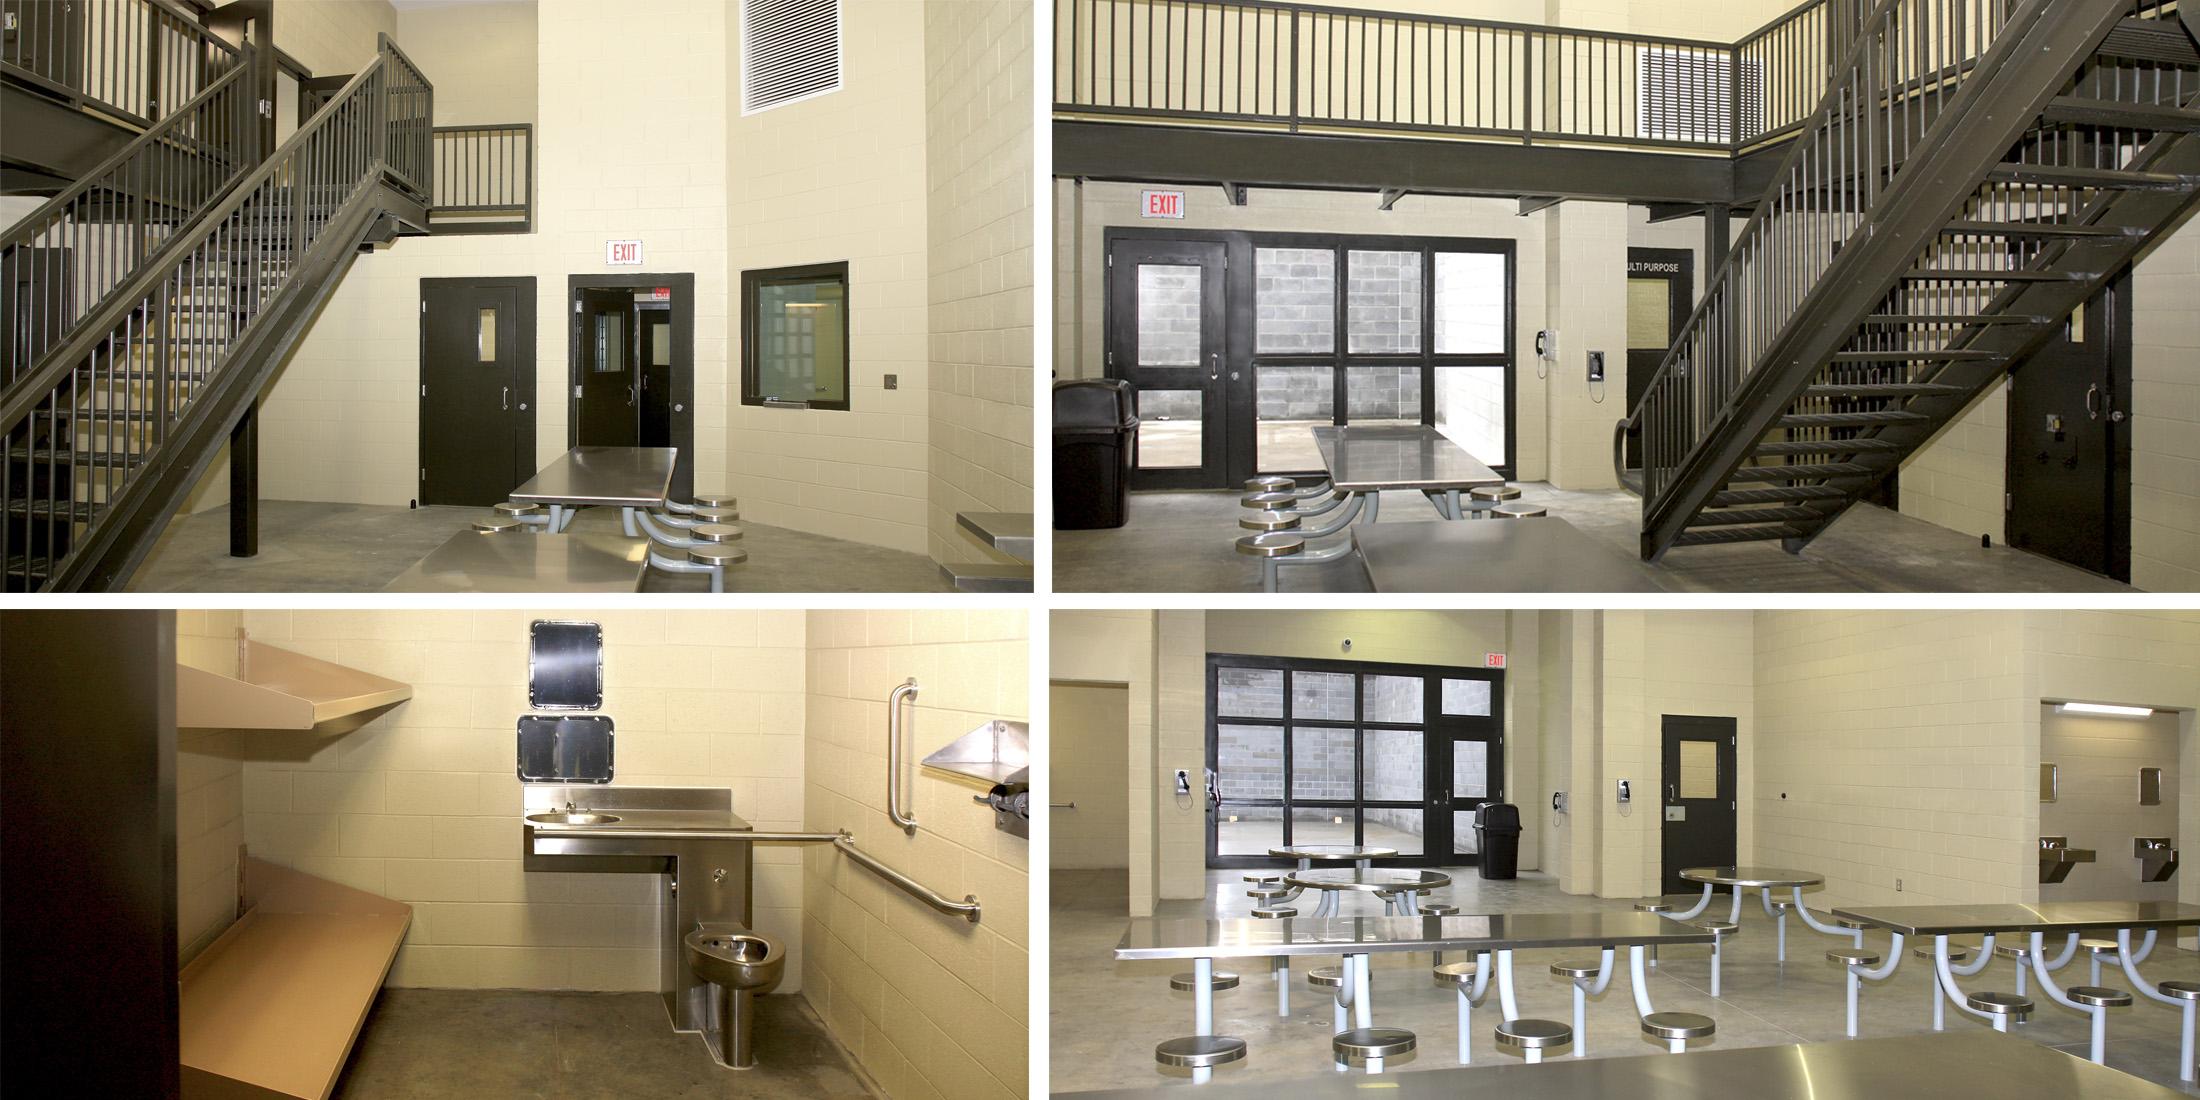 02 Williamsburg Cty Detention Center photos